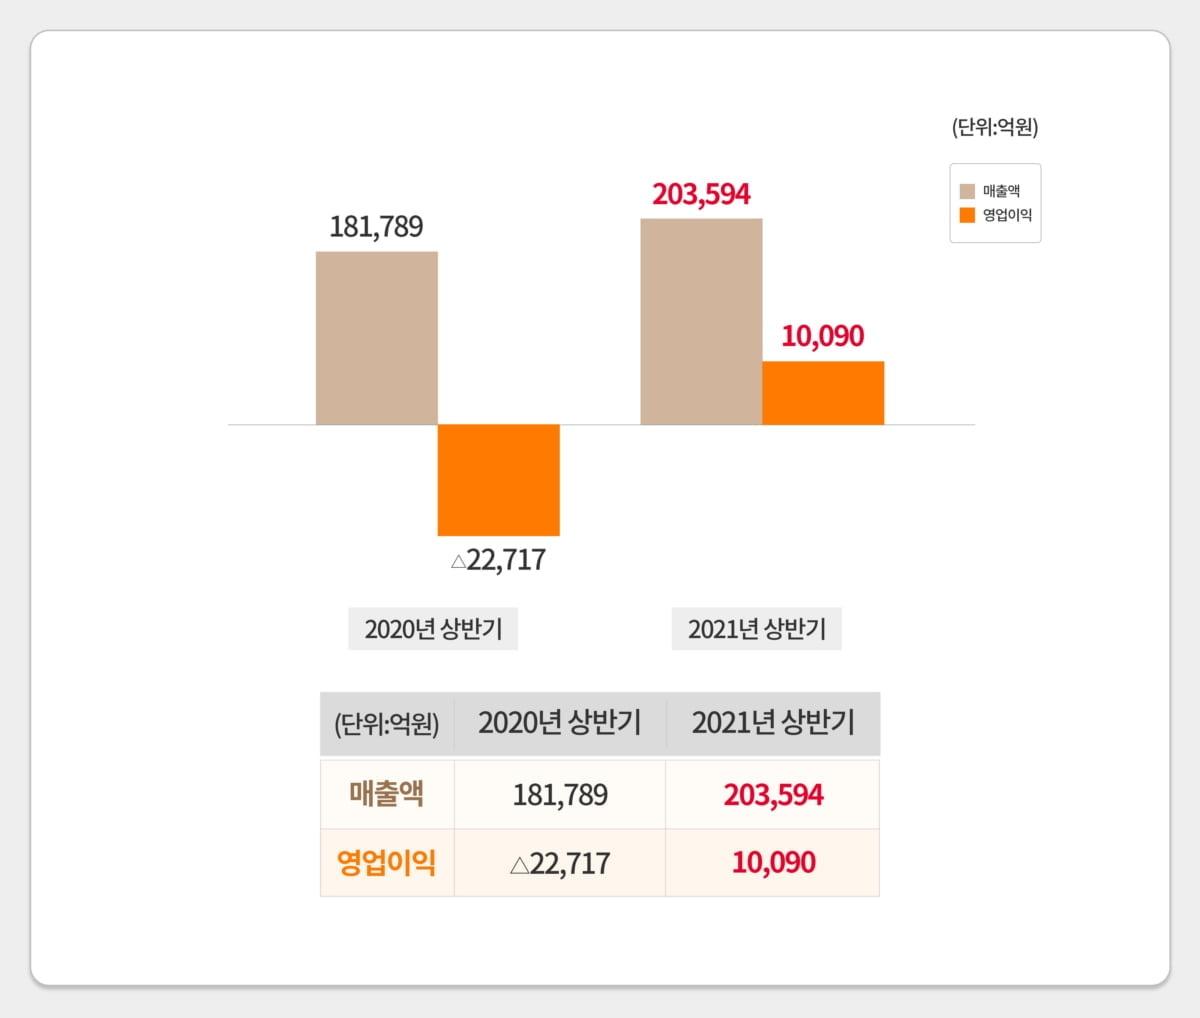 2020년 상반기 및 2021년 상반기 매출액/ 영업이익